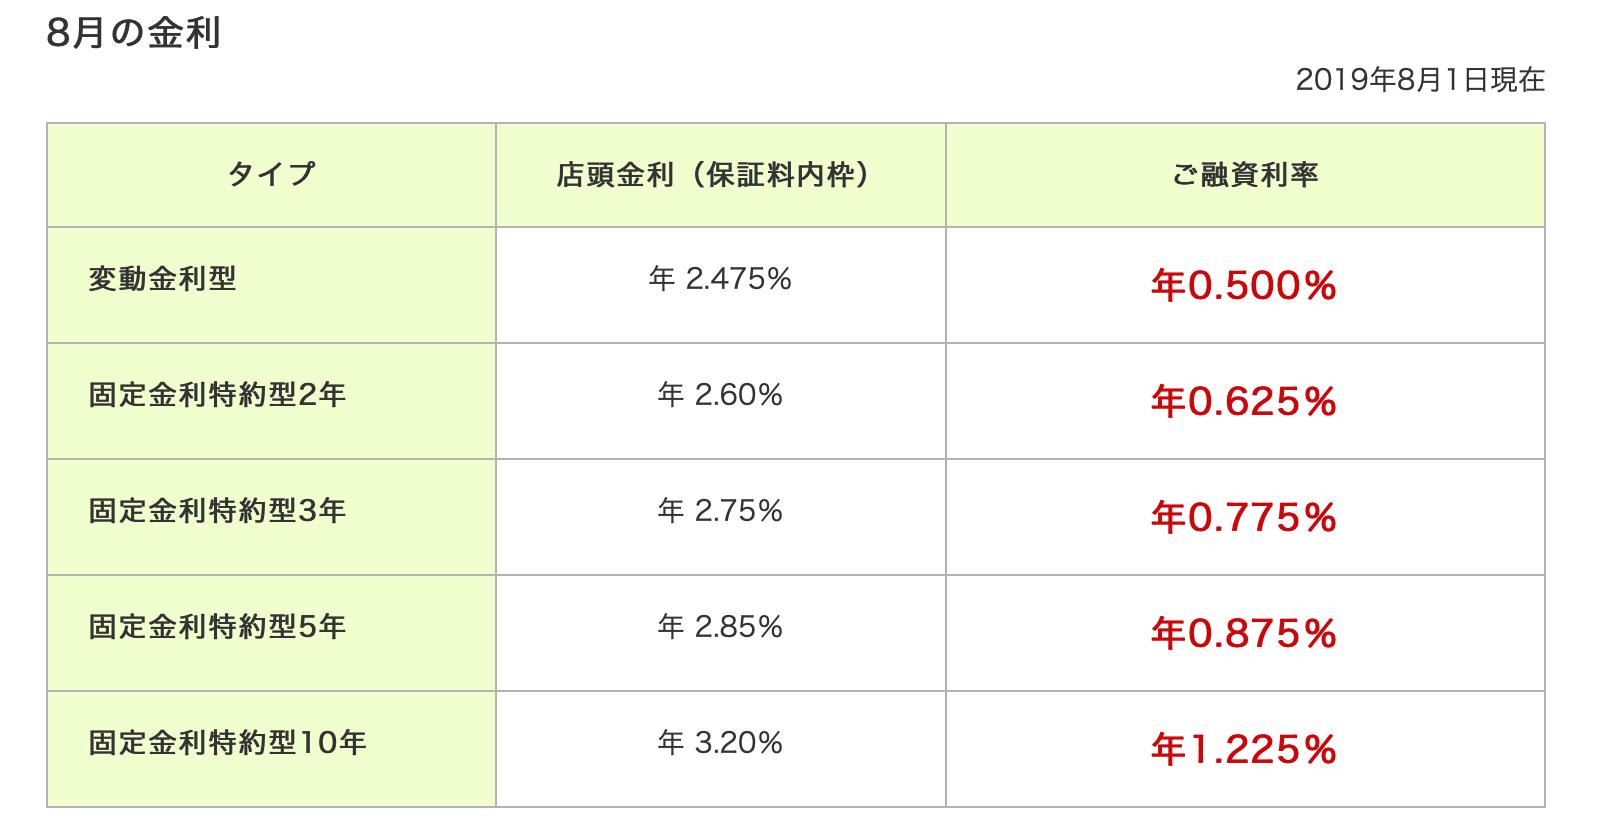 三井住友銀行の 2019年8月の住宅ローン金利